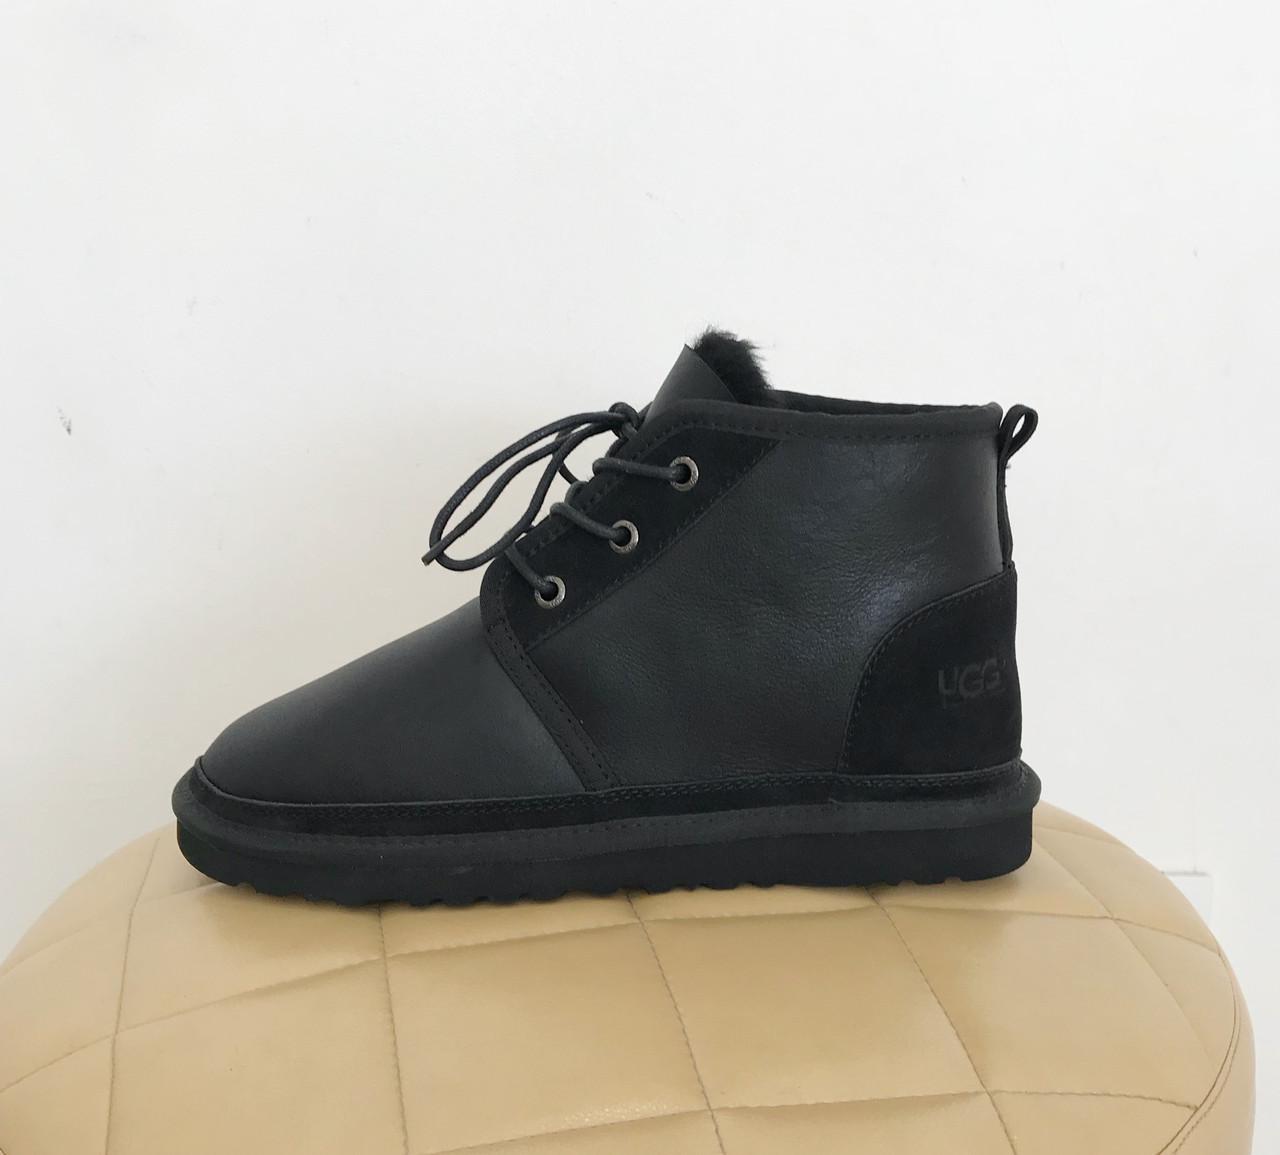 UGG Men's Neumel - Metallic Black Угги мужские на шнурках черные обливные